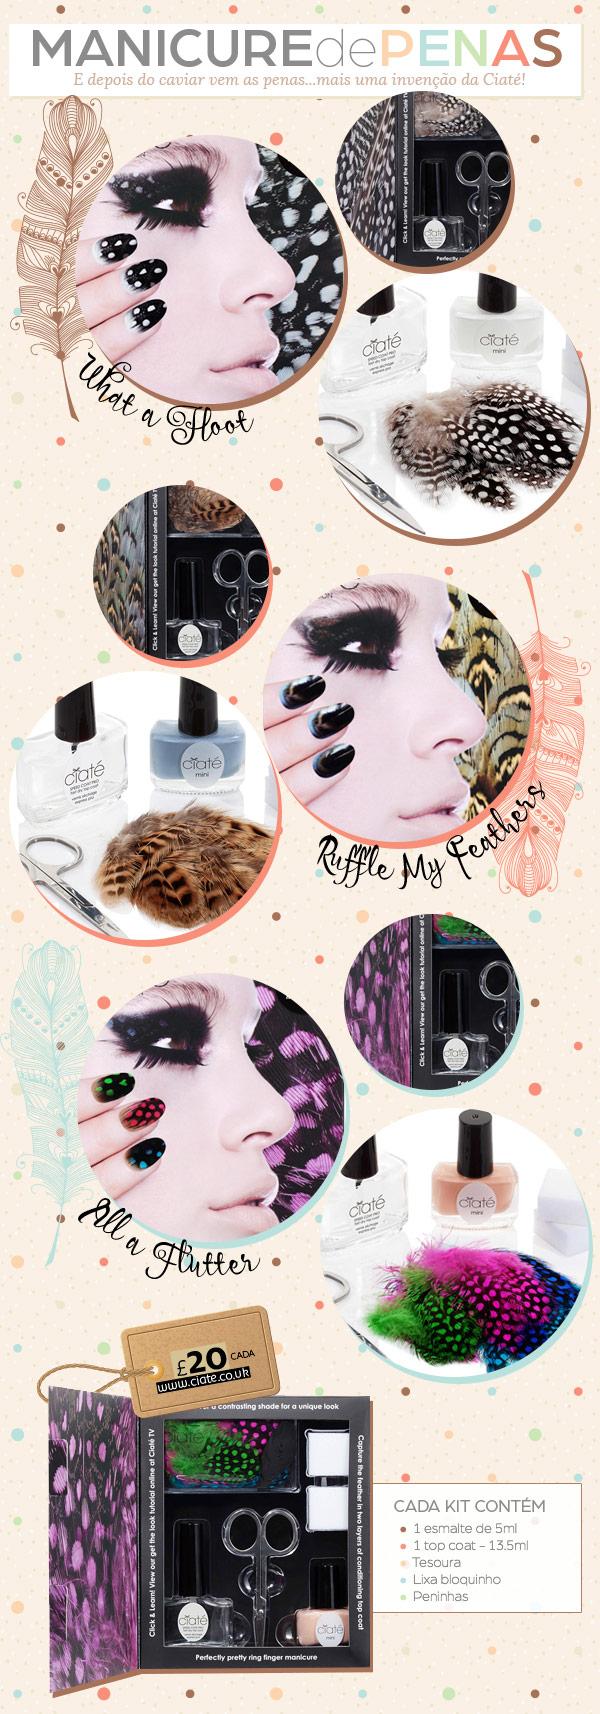 manicure-de-penas-feathered-manicure-ciate